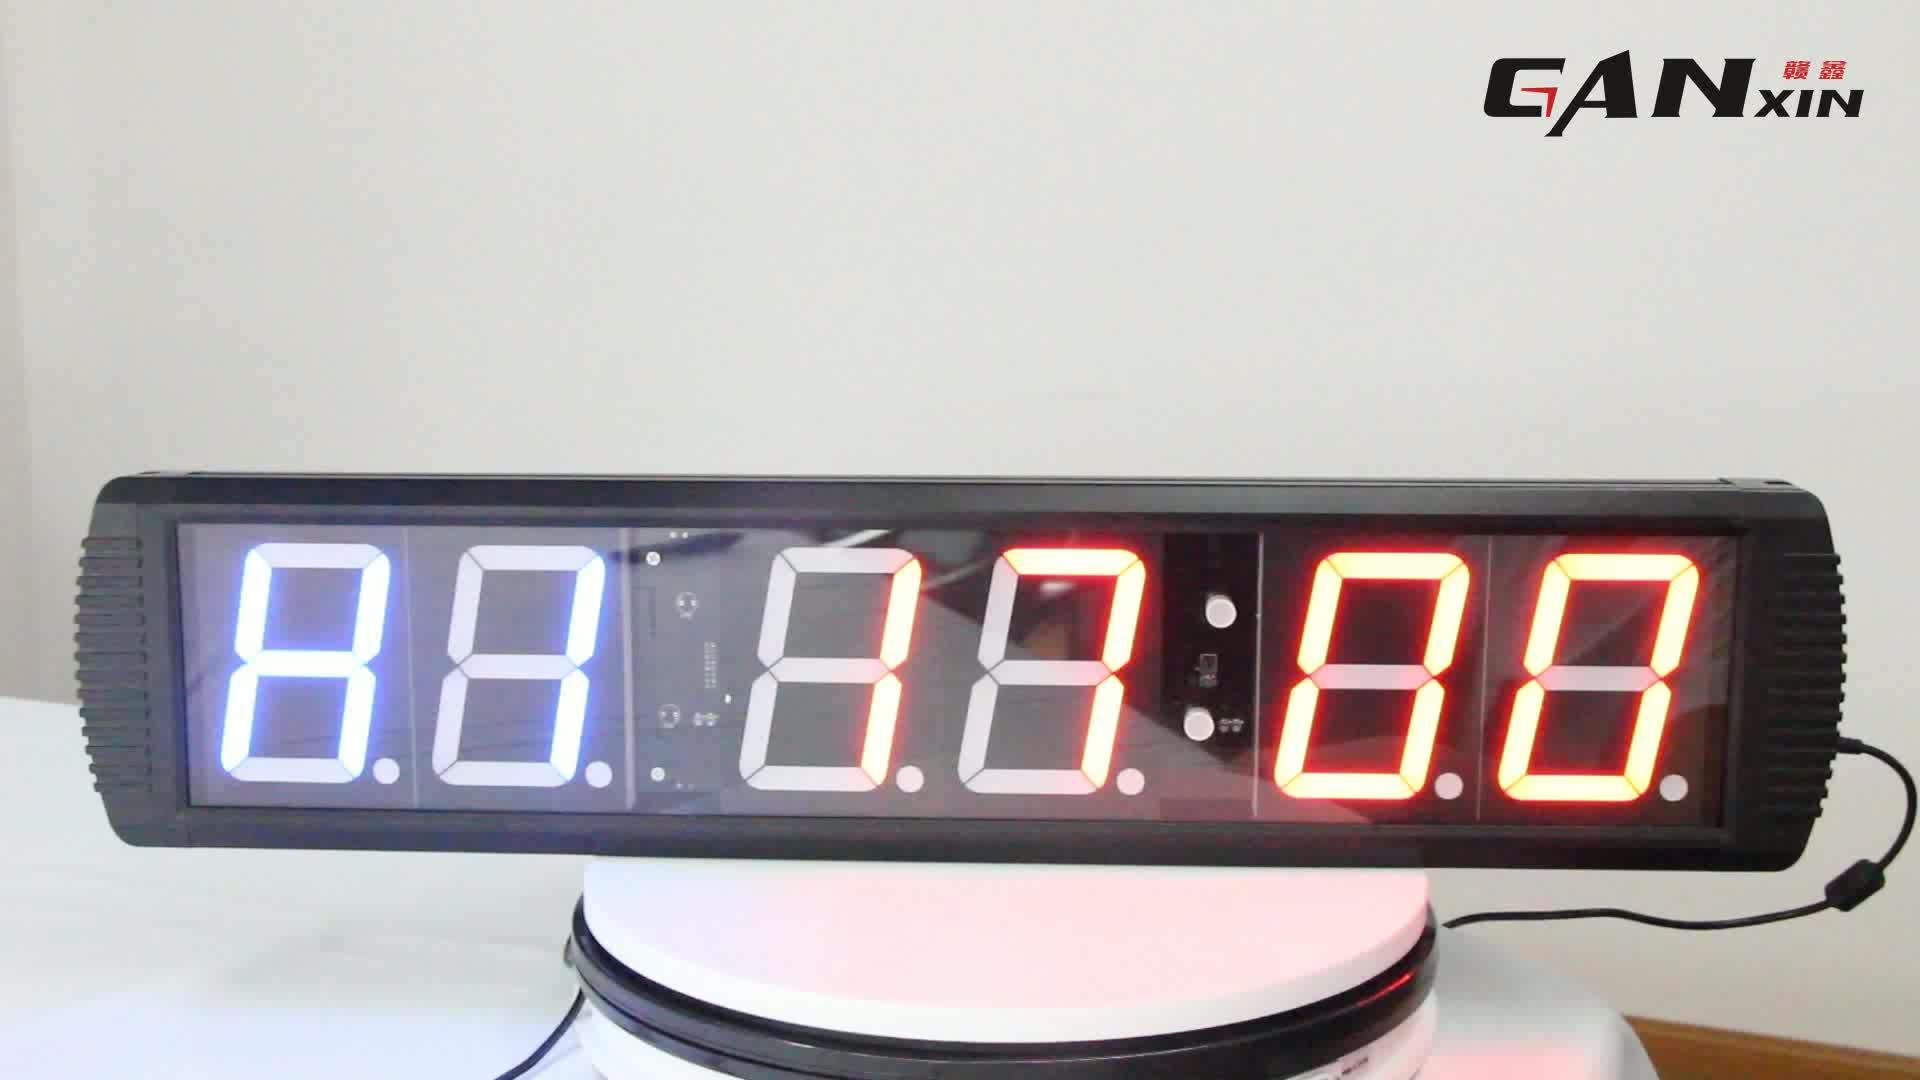 [Ganxin] 4'' 6 Digits Alibaba Indoor Led Gps Wall Clock